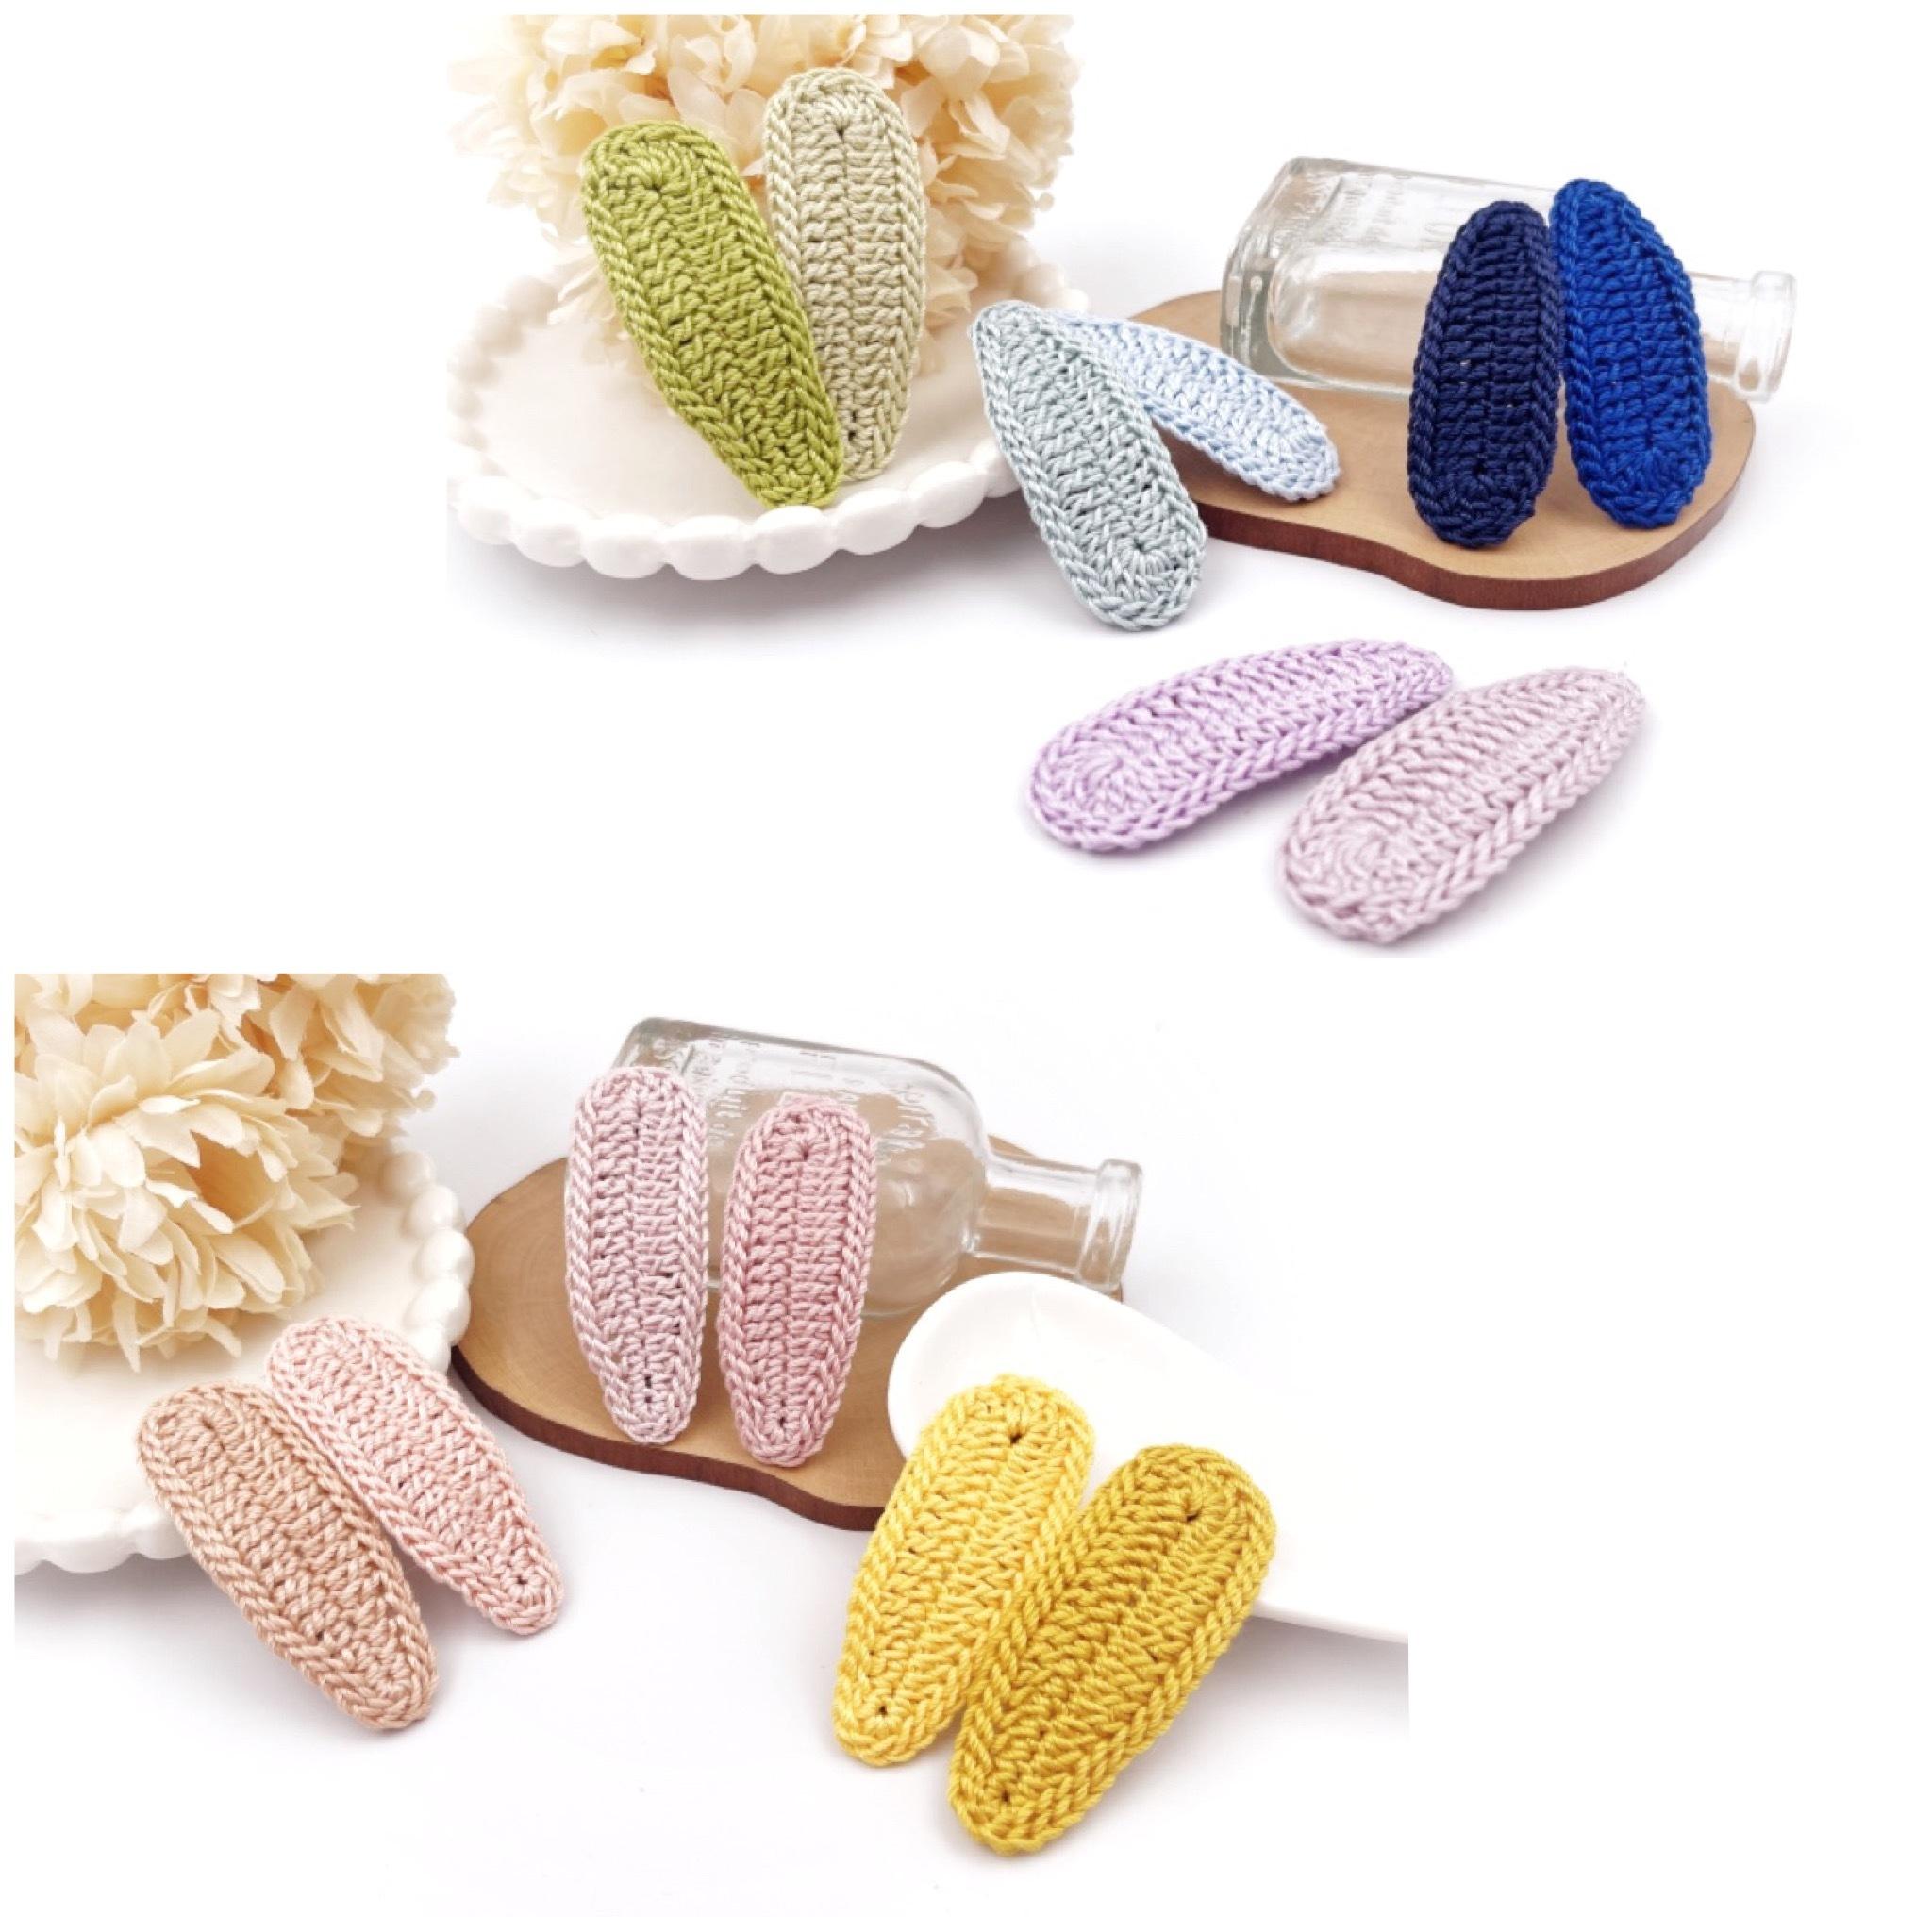 手編み雑貨 HanahanD パッチン ヘアアクセサリー ヘアピン パステル